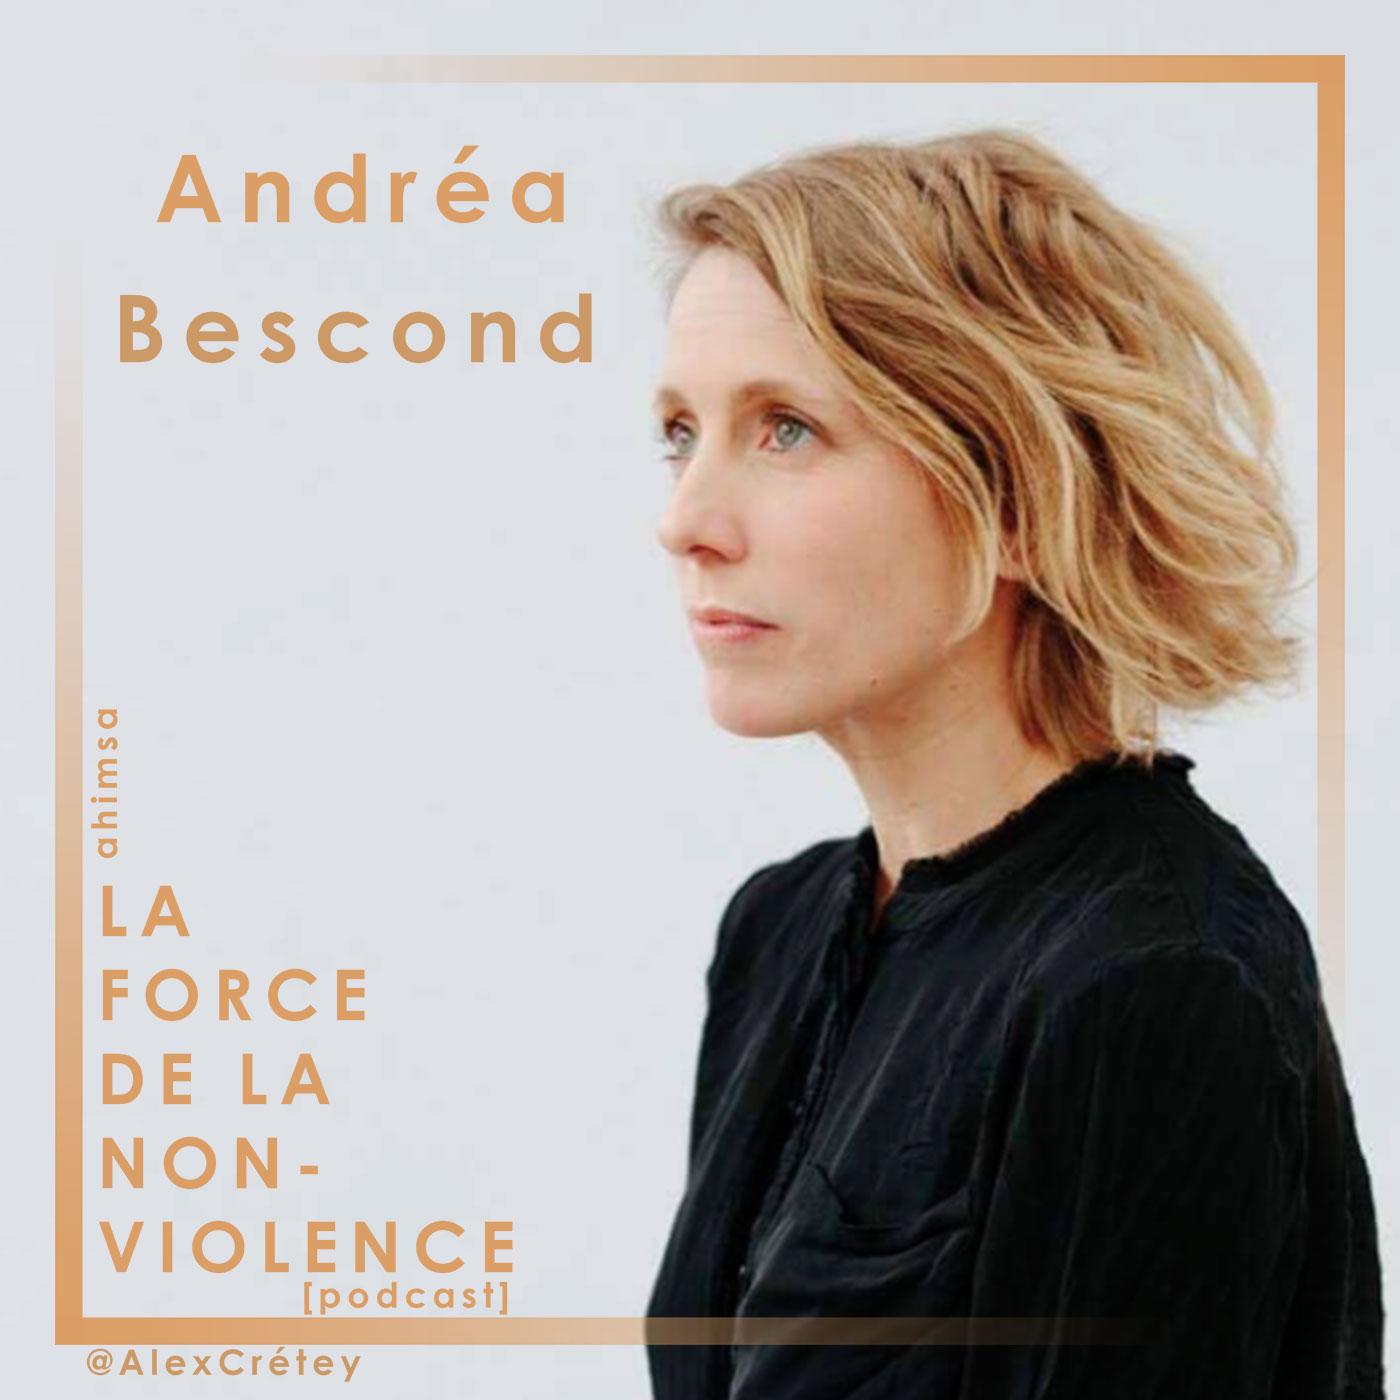 Andréa Bescond - La Force de la Non-violence - Podcast